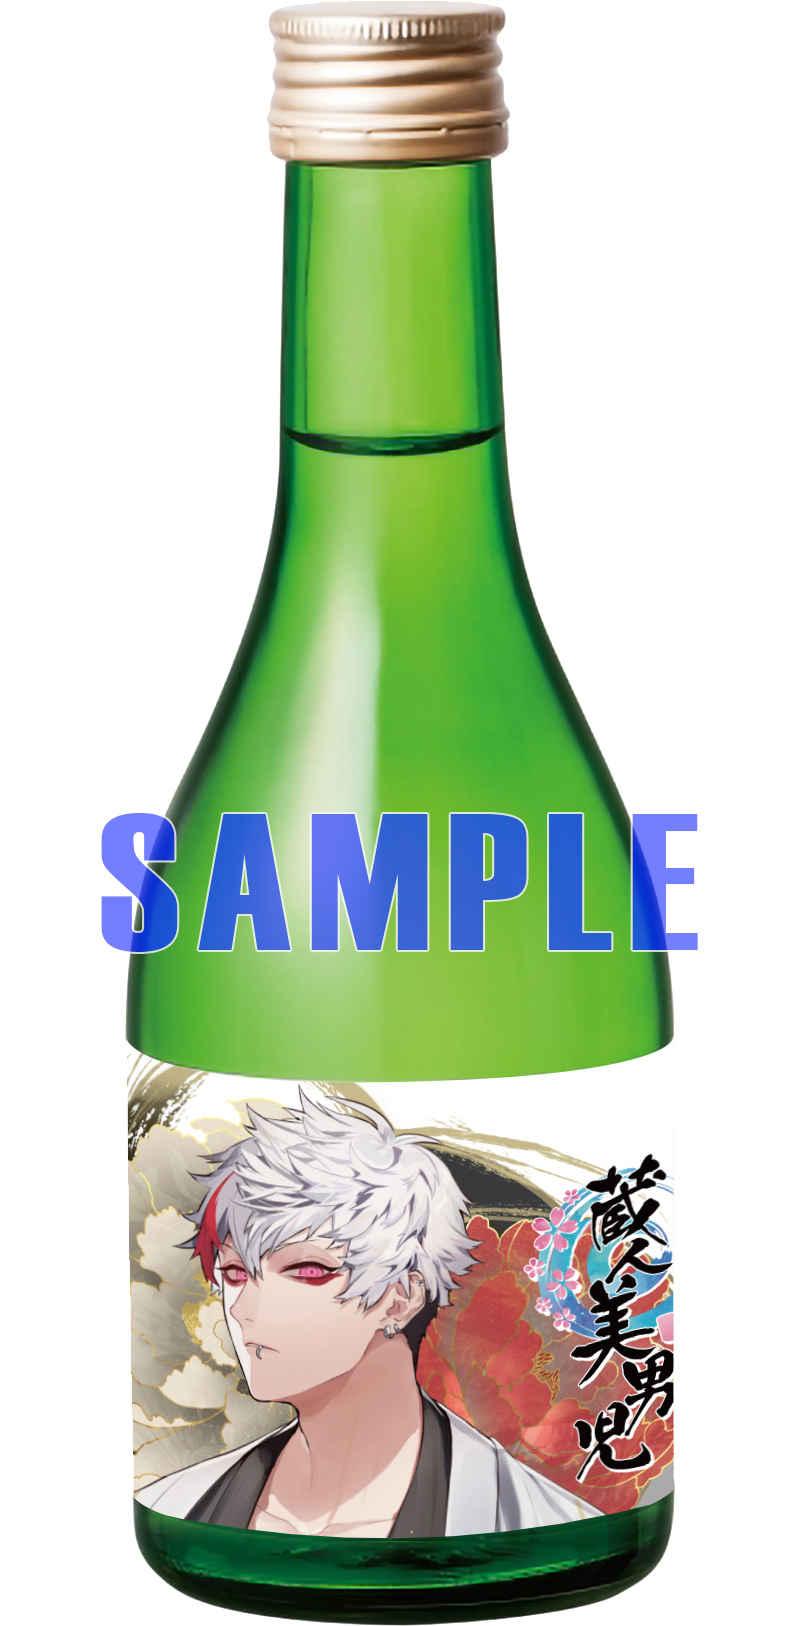 「蔵人美男児」鉄花火(絵 YSK)劍門(純米吟醸酒)300ml [ツクルノモリ株式会社(YSK)] オリジナル